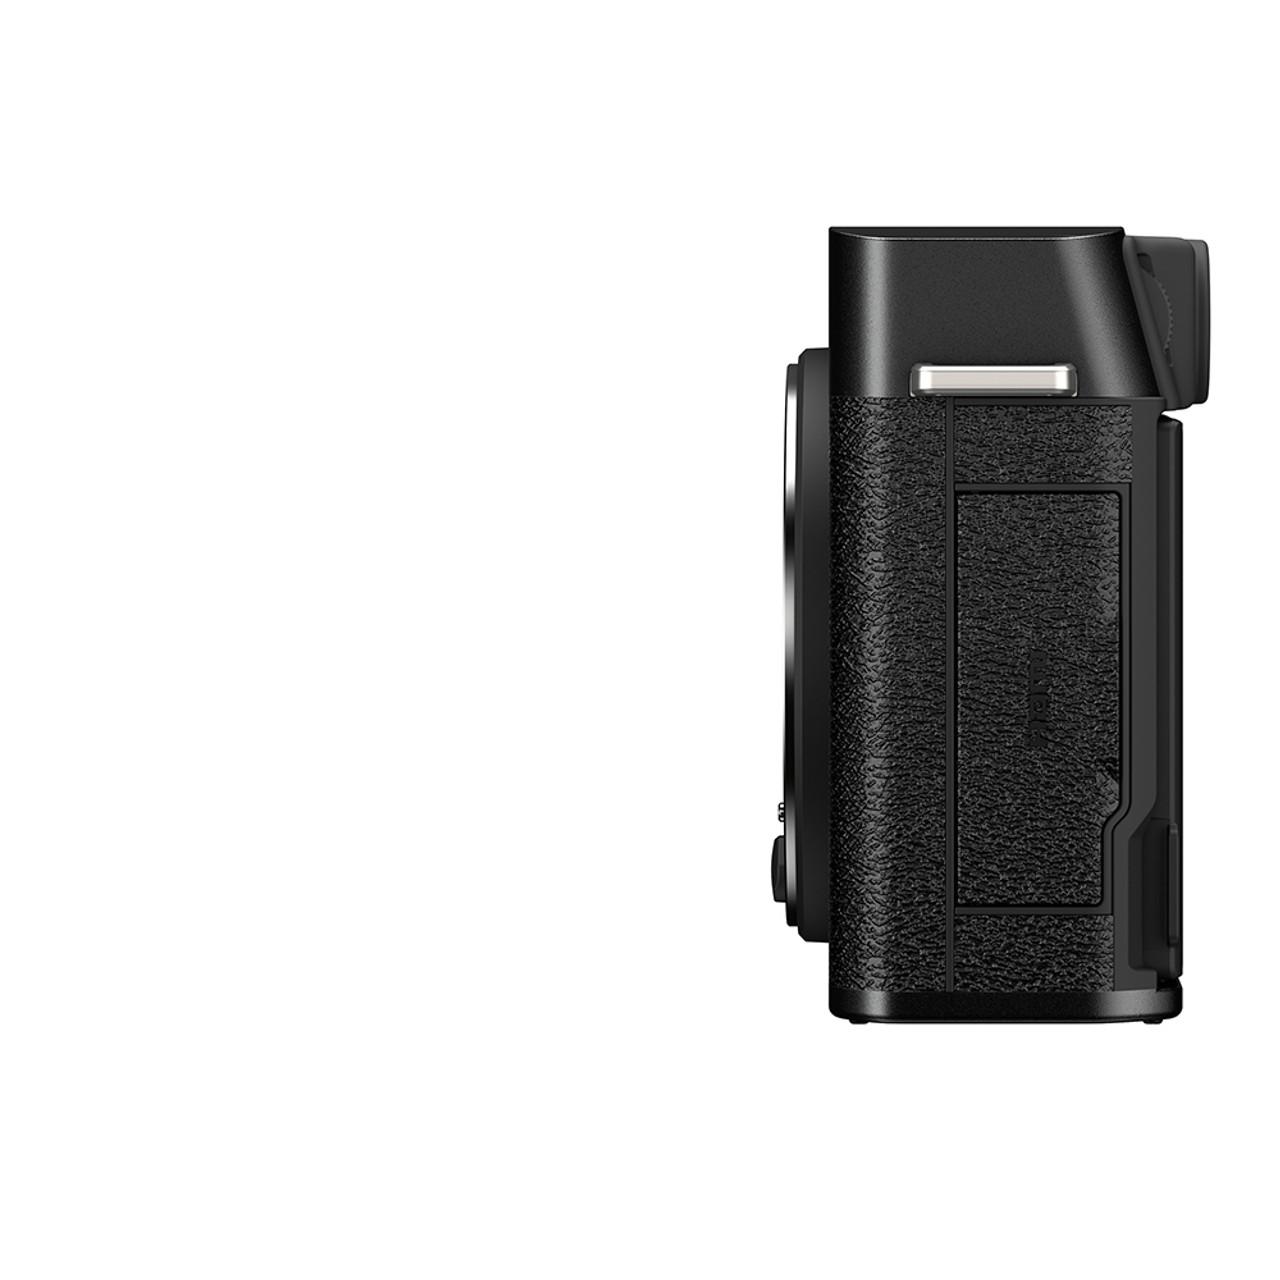 FUJIFILM X-E4 BODY (BLACK)